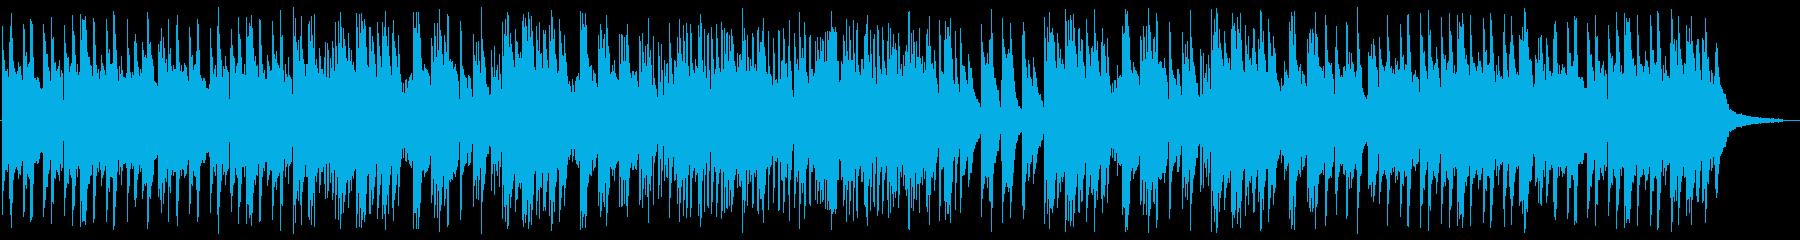 メローでメロディアスなピアノサウンドの再生済みの波形